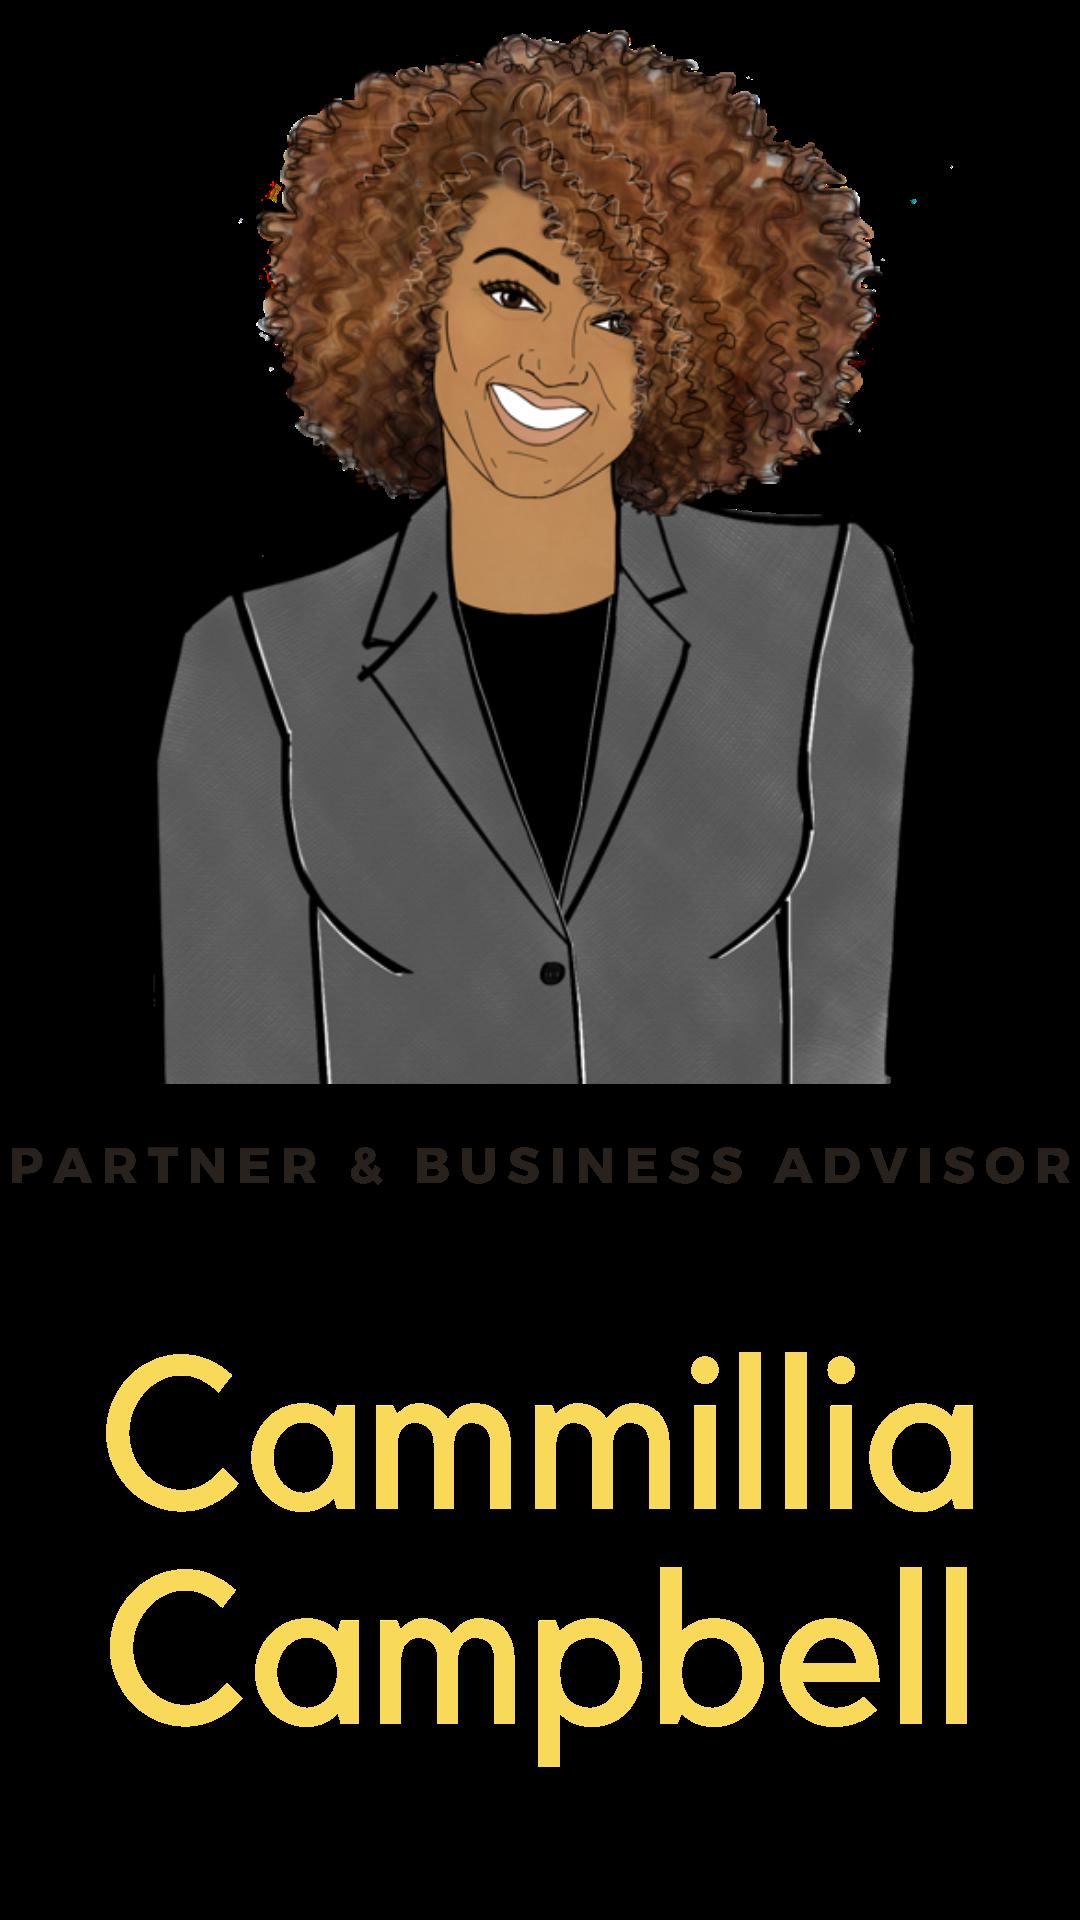 Cammillia